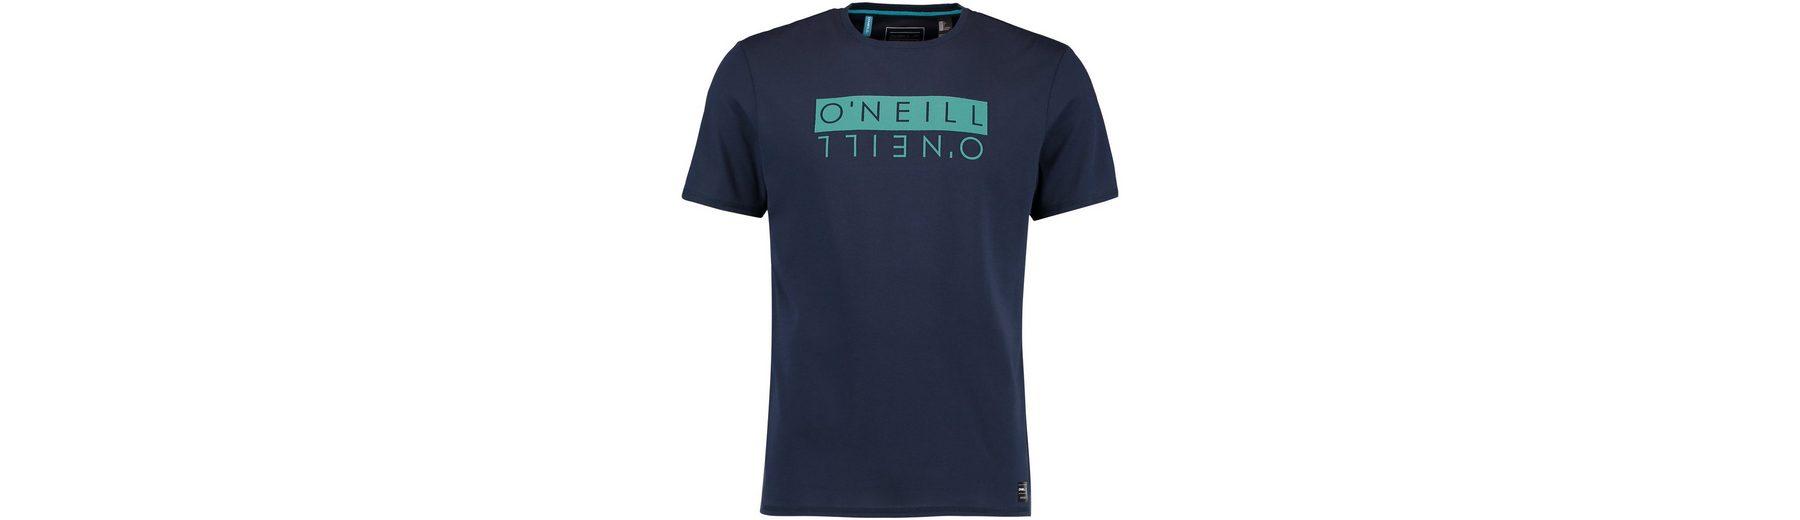 Billig Verkauf Rabatte O'Neill T-Shirts kurzärmlig Duo hybrid t-shirt Outlet Kollektionen Rabatt Vorbestellen Guenstige Factory-Outlet-Verkauf E2iSfeSB